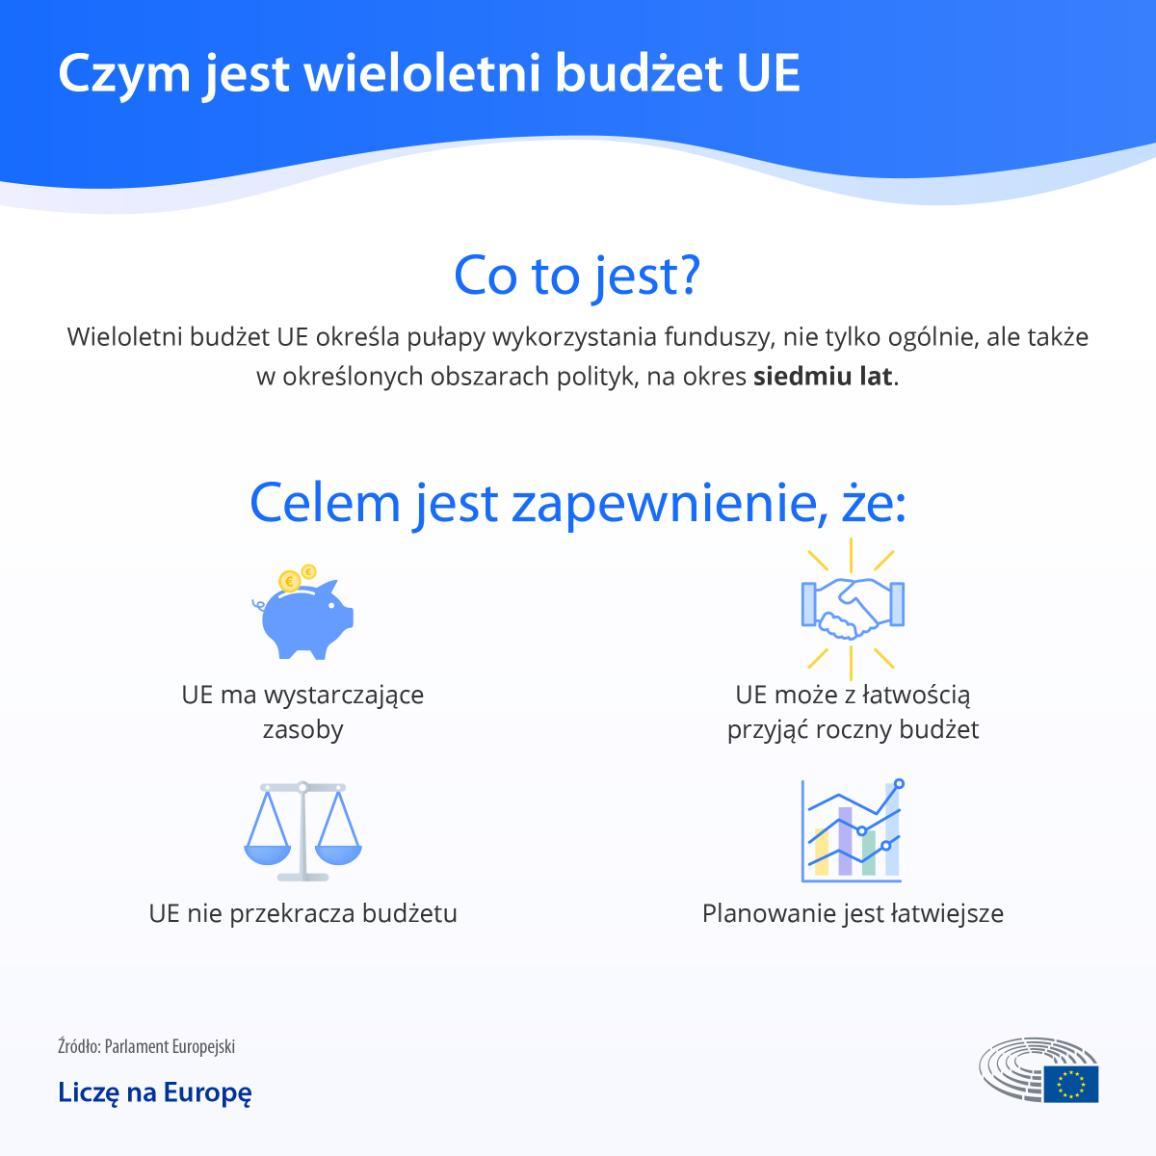 Infografika wyjaśniająca, czym jest długoterminowy budżet UE